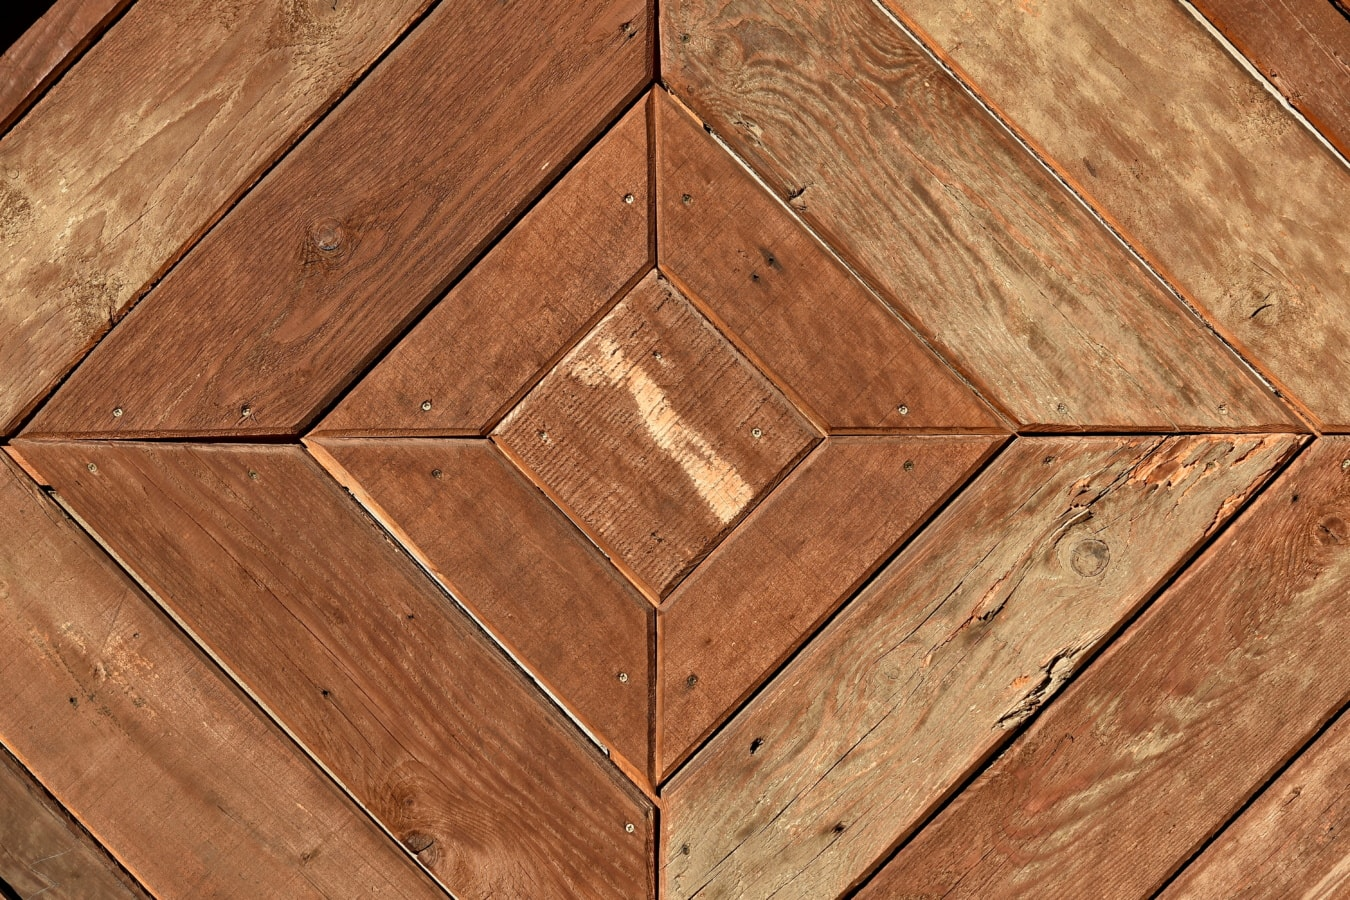 Design, Platz, Frame, Tischlerei, Hartholz, Braun, Retro, Holz, rau, Material